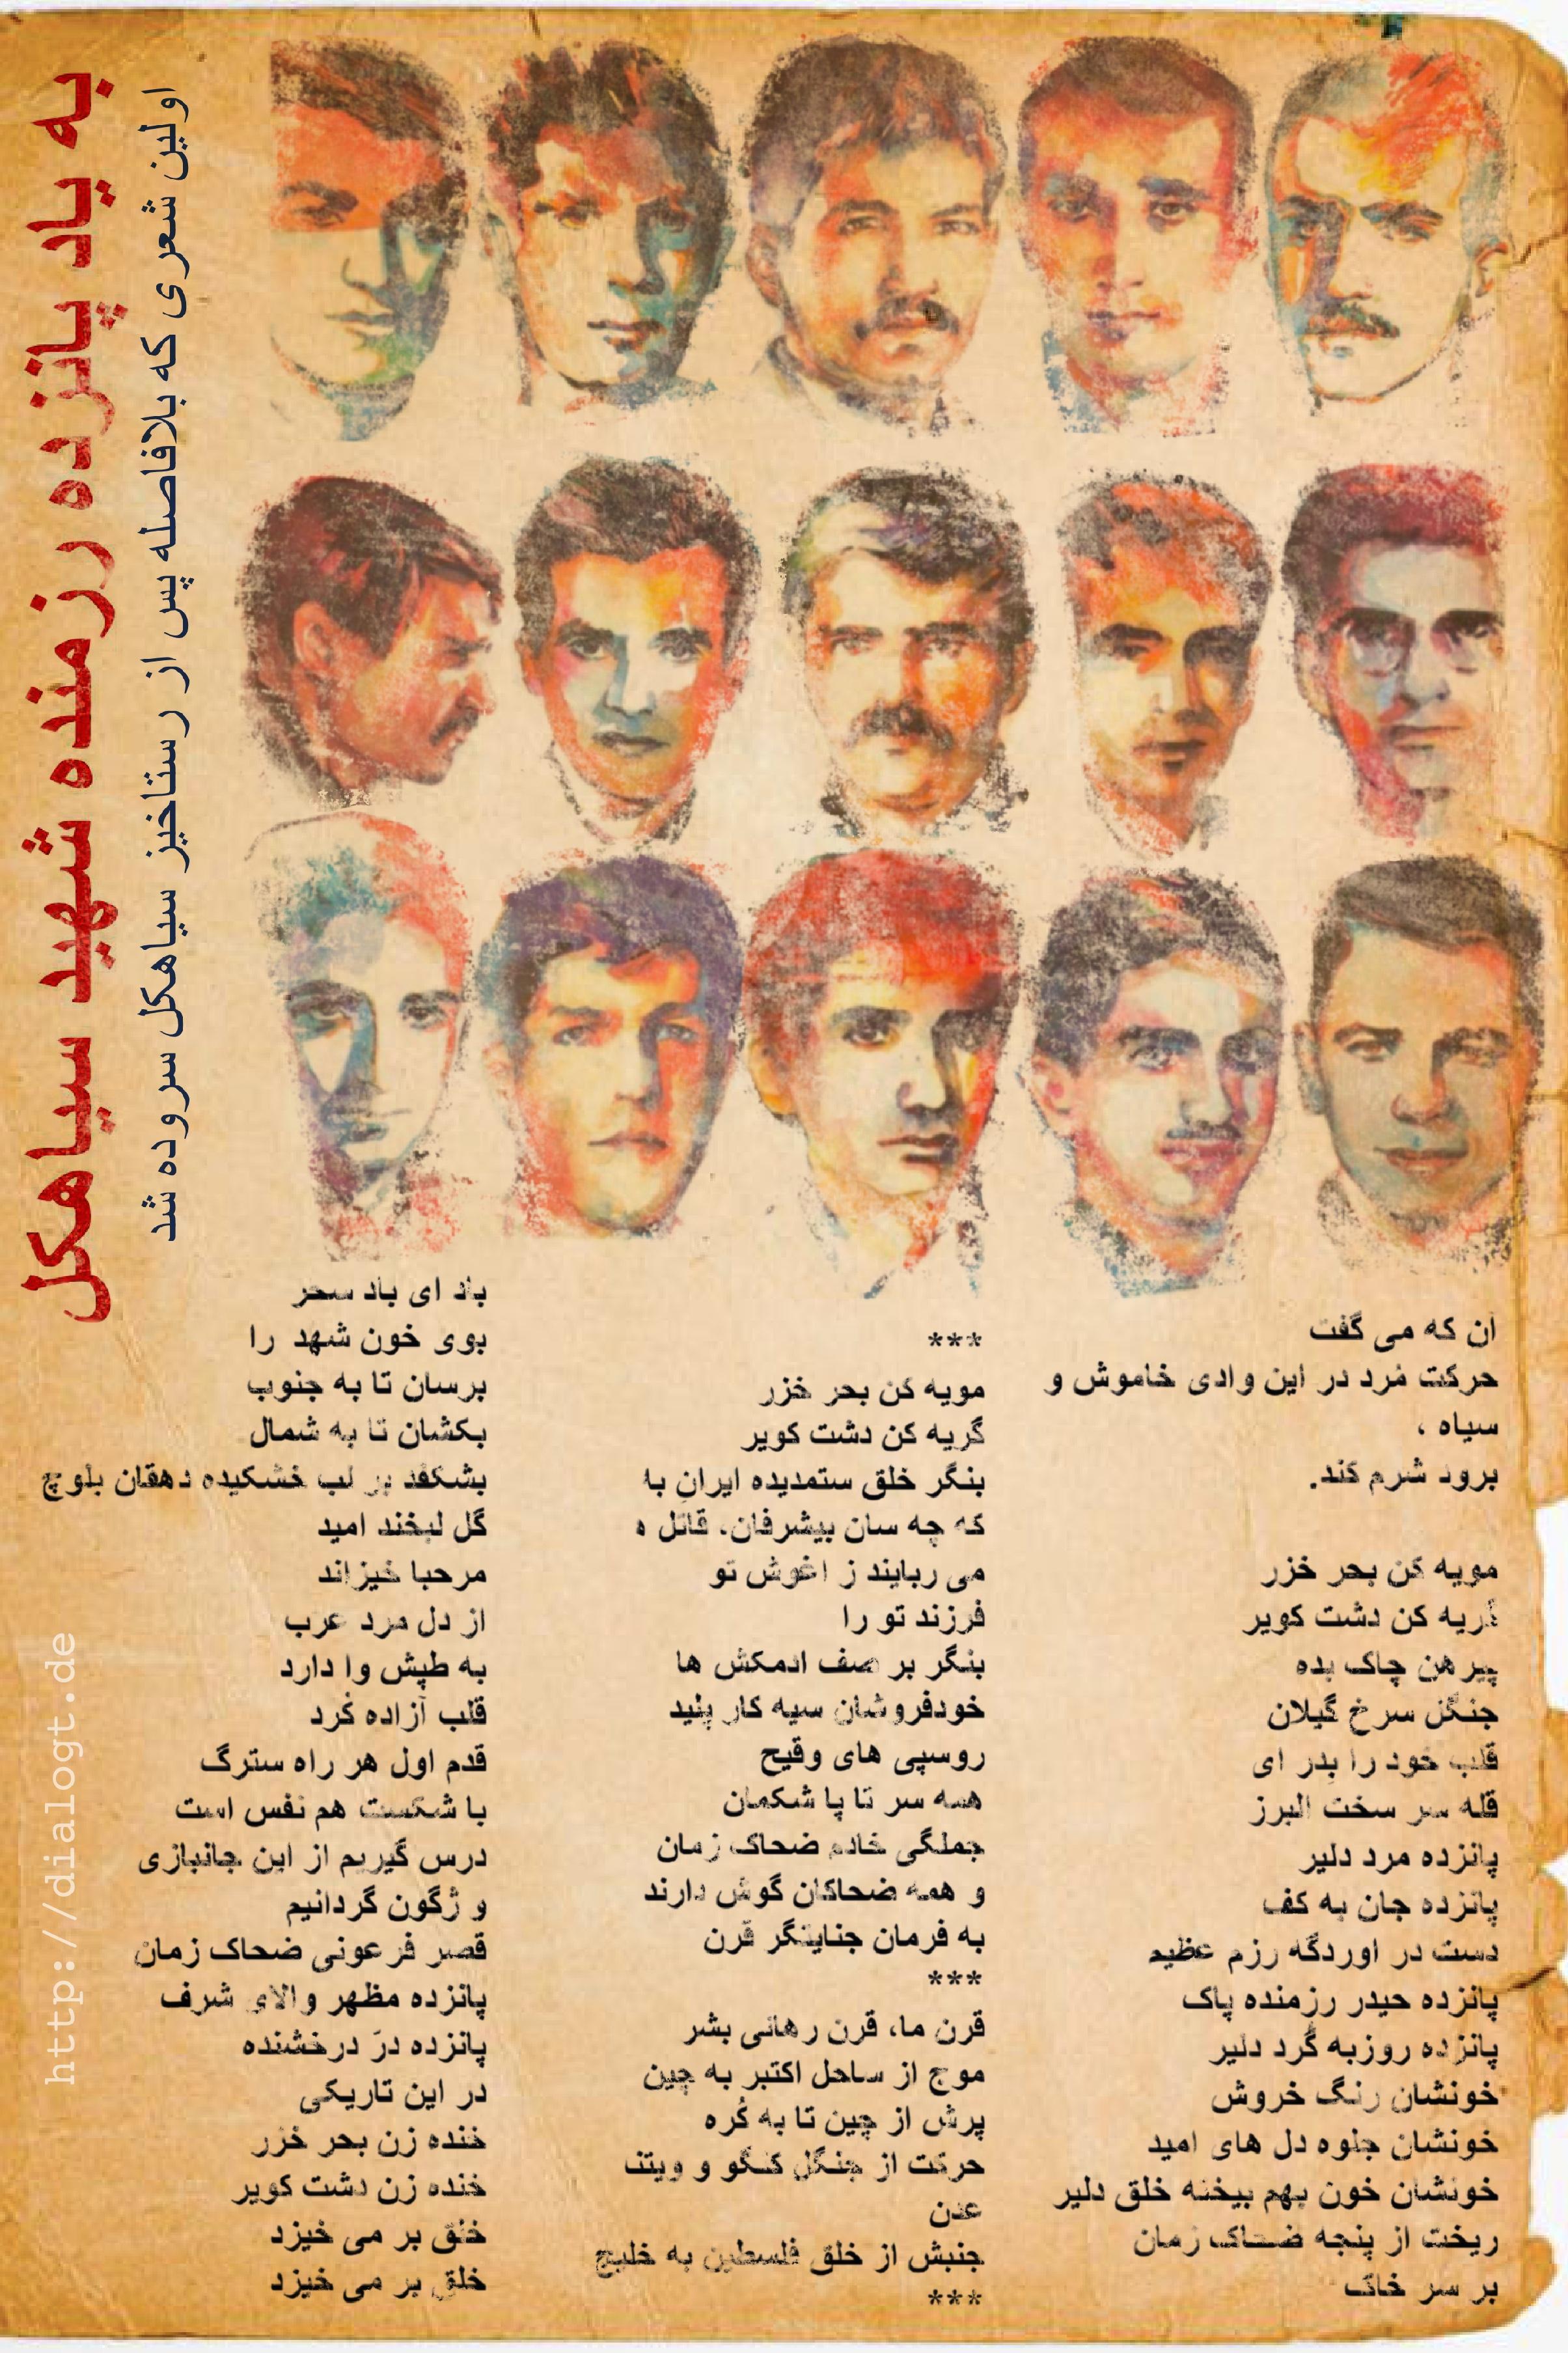 به یاد پانزده رزمنده شهید سیاهکل